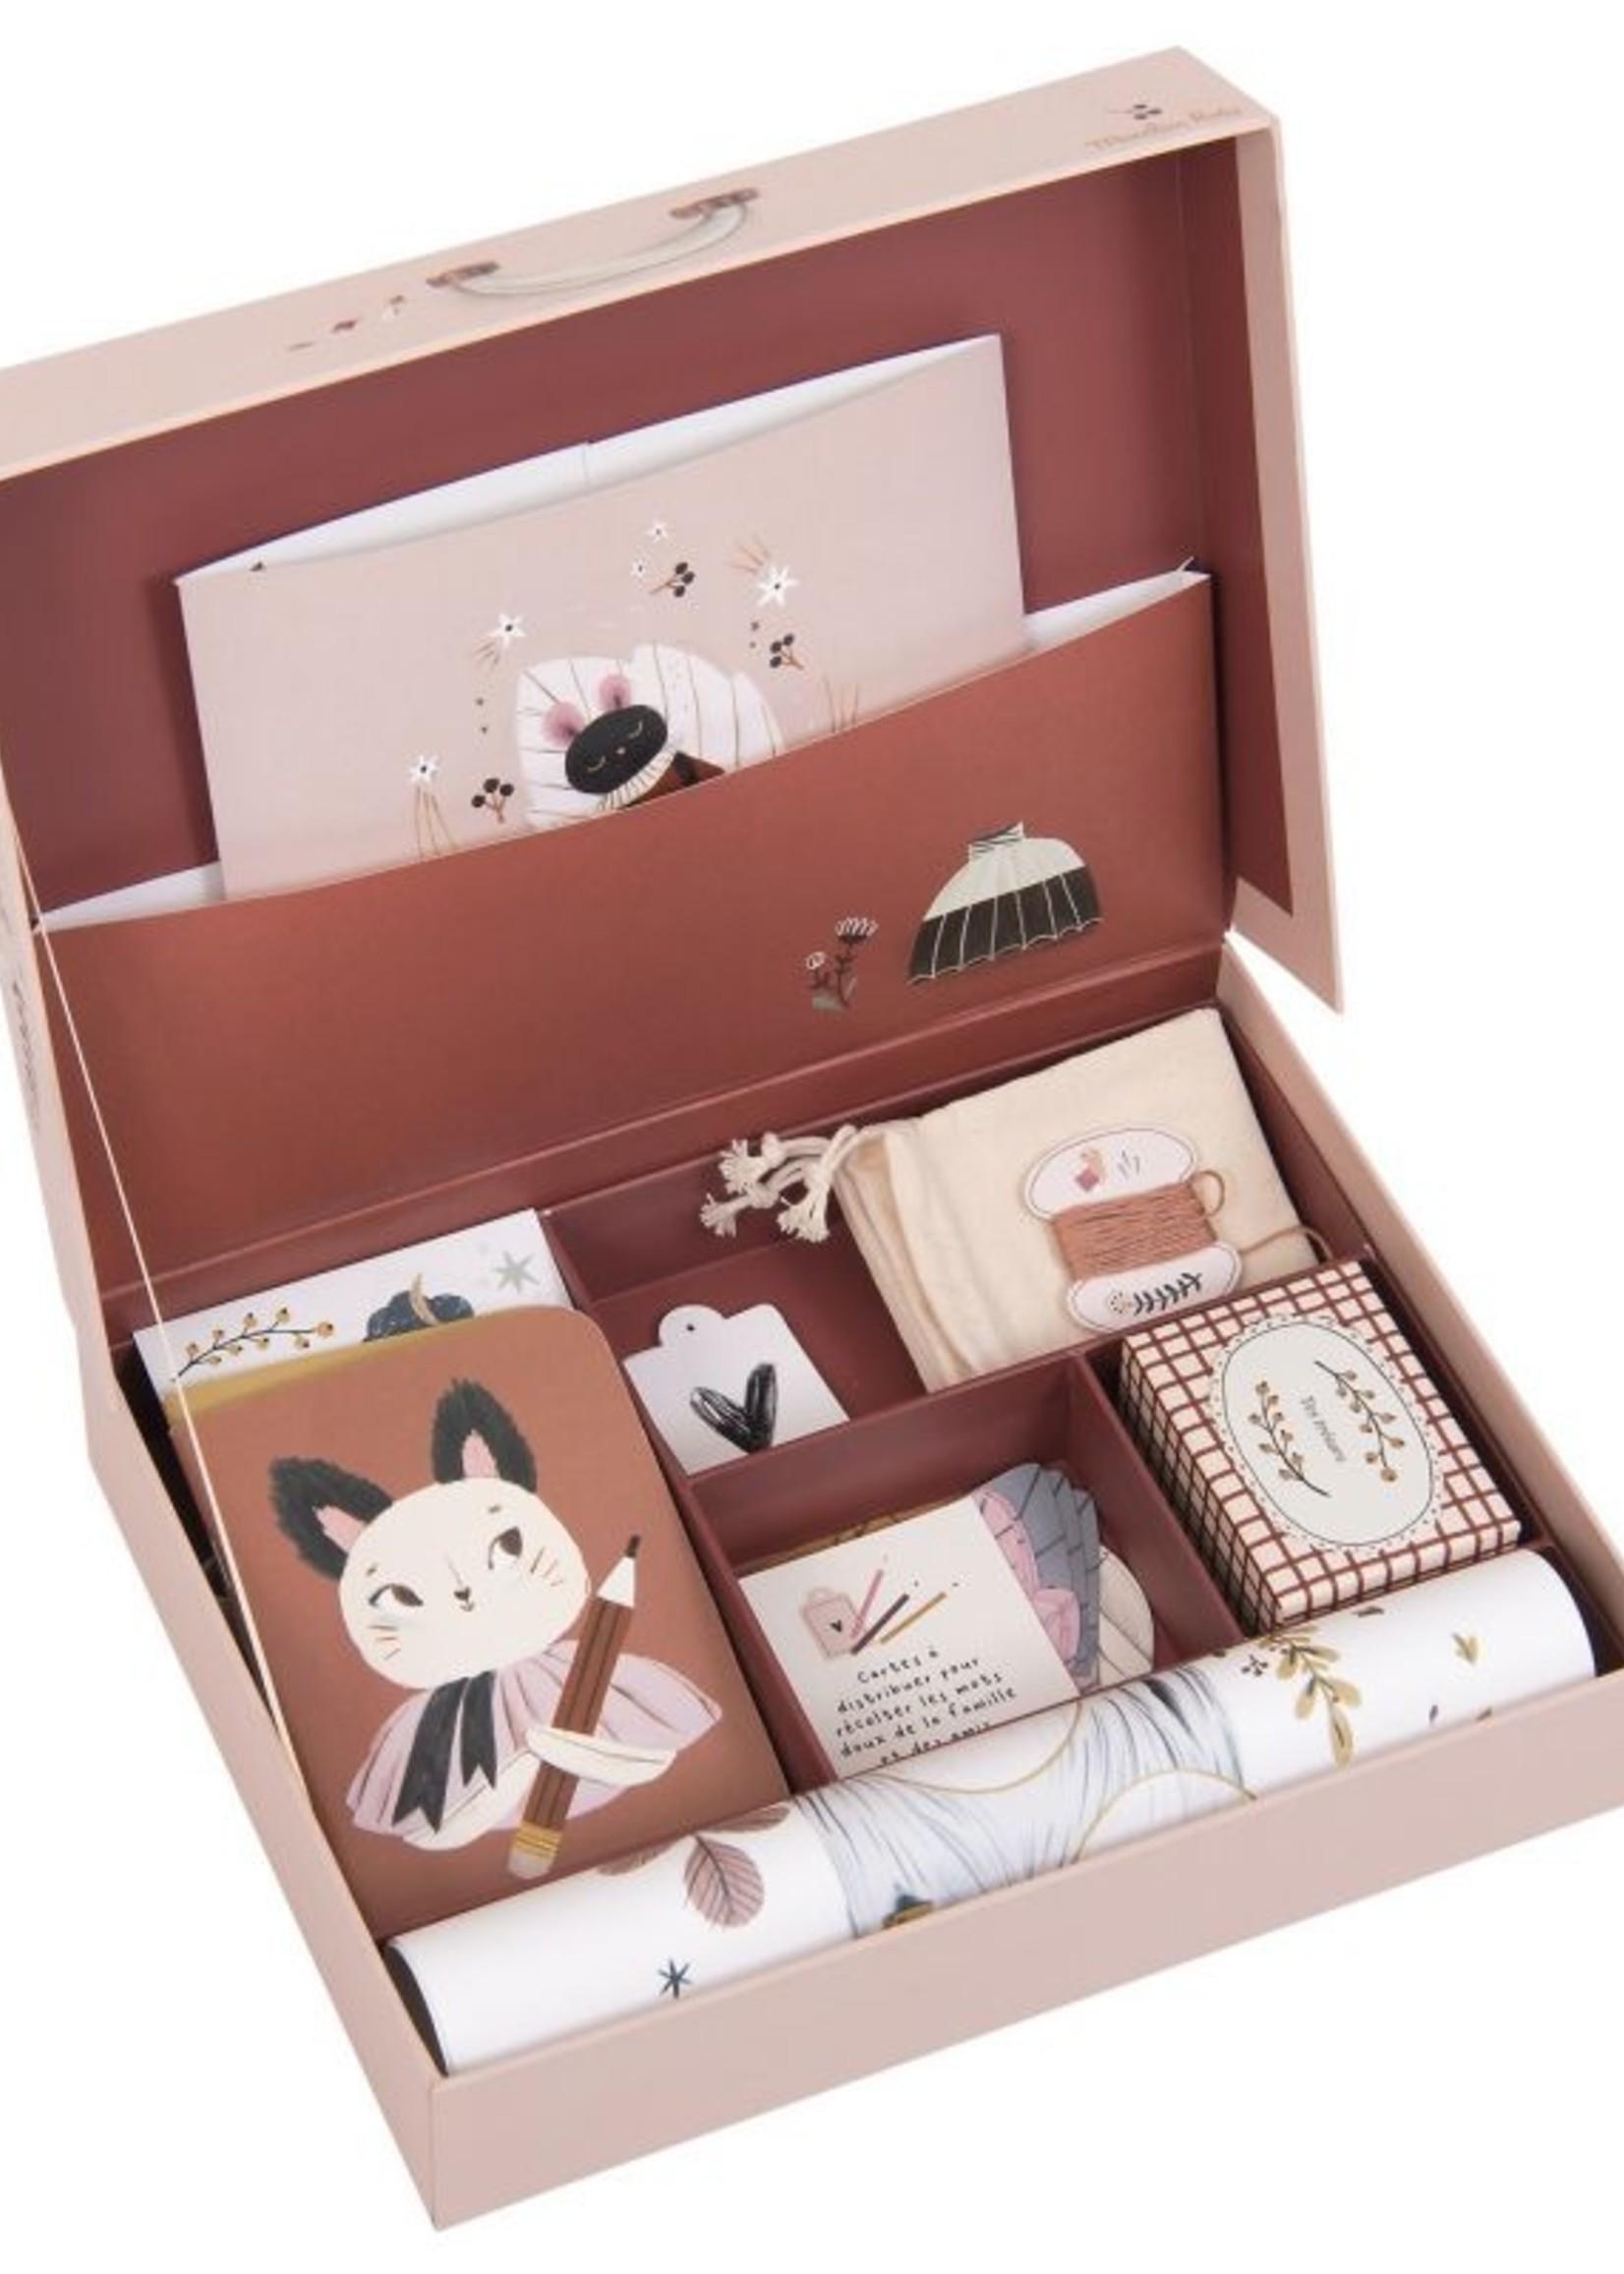 Mideer Moulin Roty SS21- 715107 Apres la Pluie - early memories box